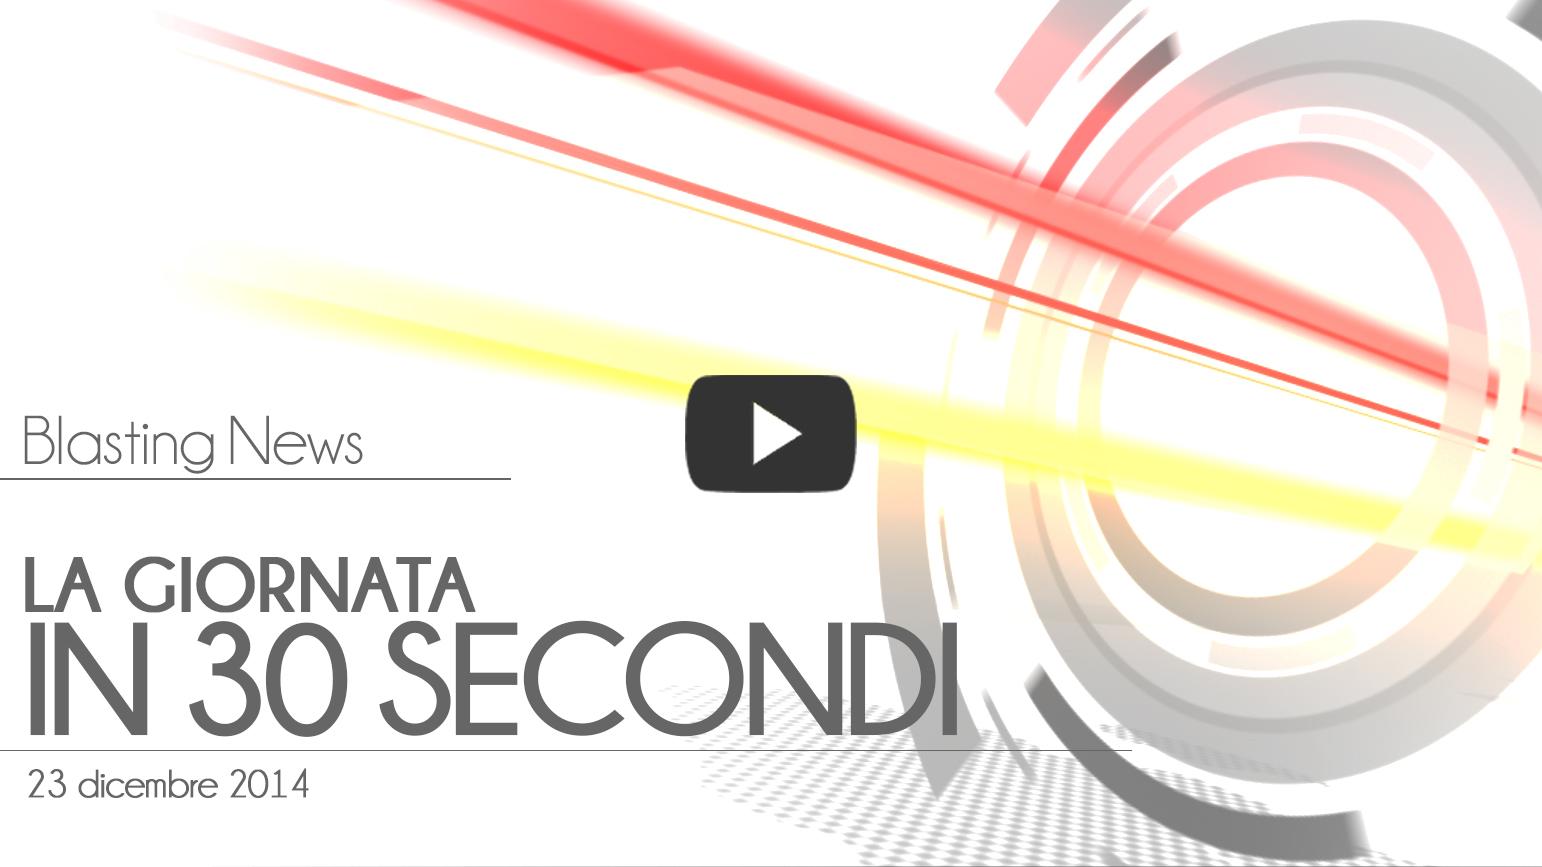 La giornata in 30 secondi - 23 dicembre 2014